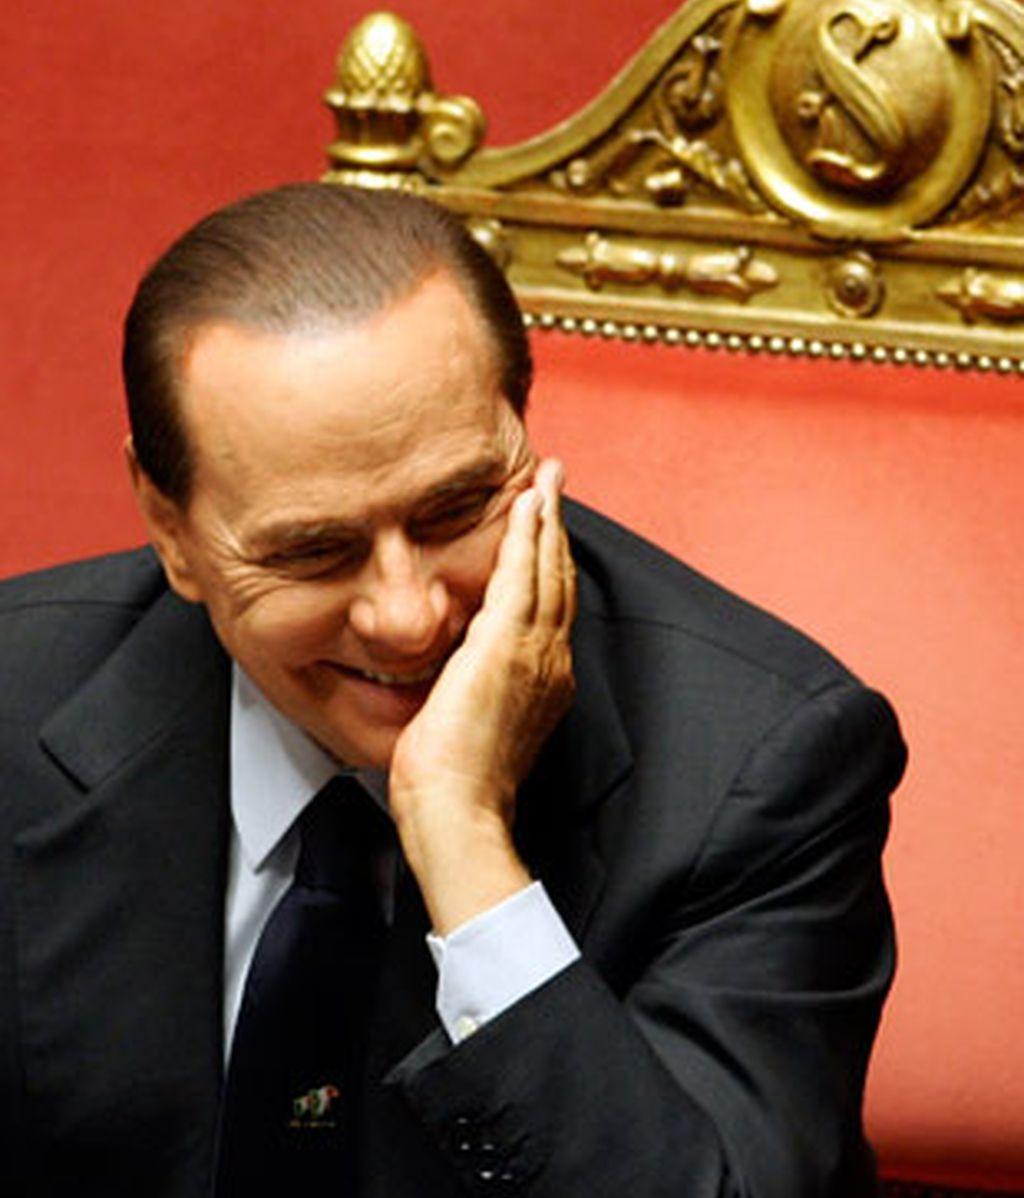 El primer ministro italiano ha ofrecido un nuevo pacto para permitir terminar la legislatura. Vïdeo: Informativos Telecinco